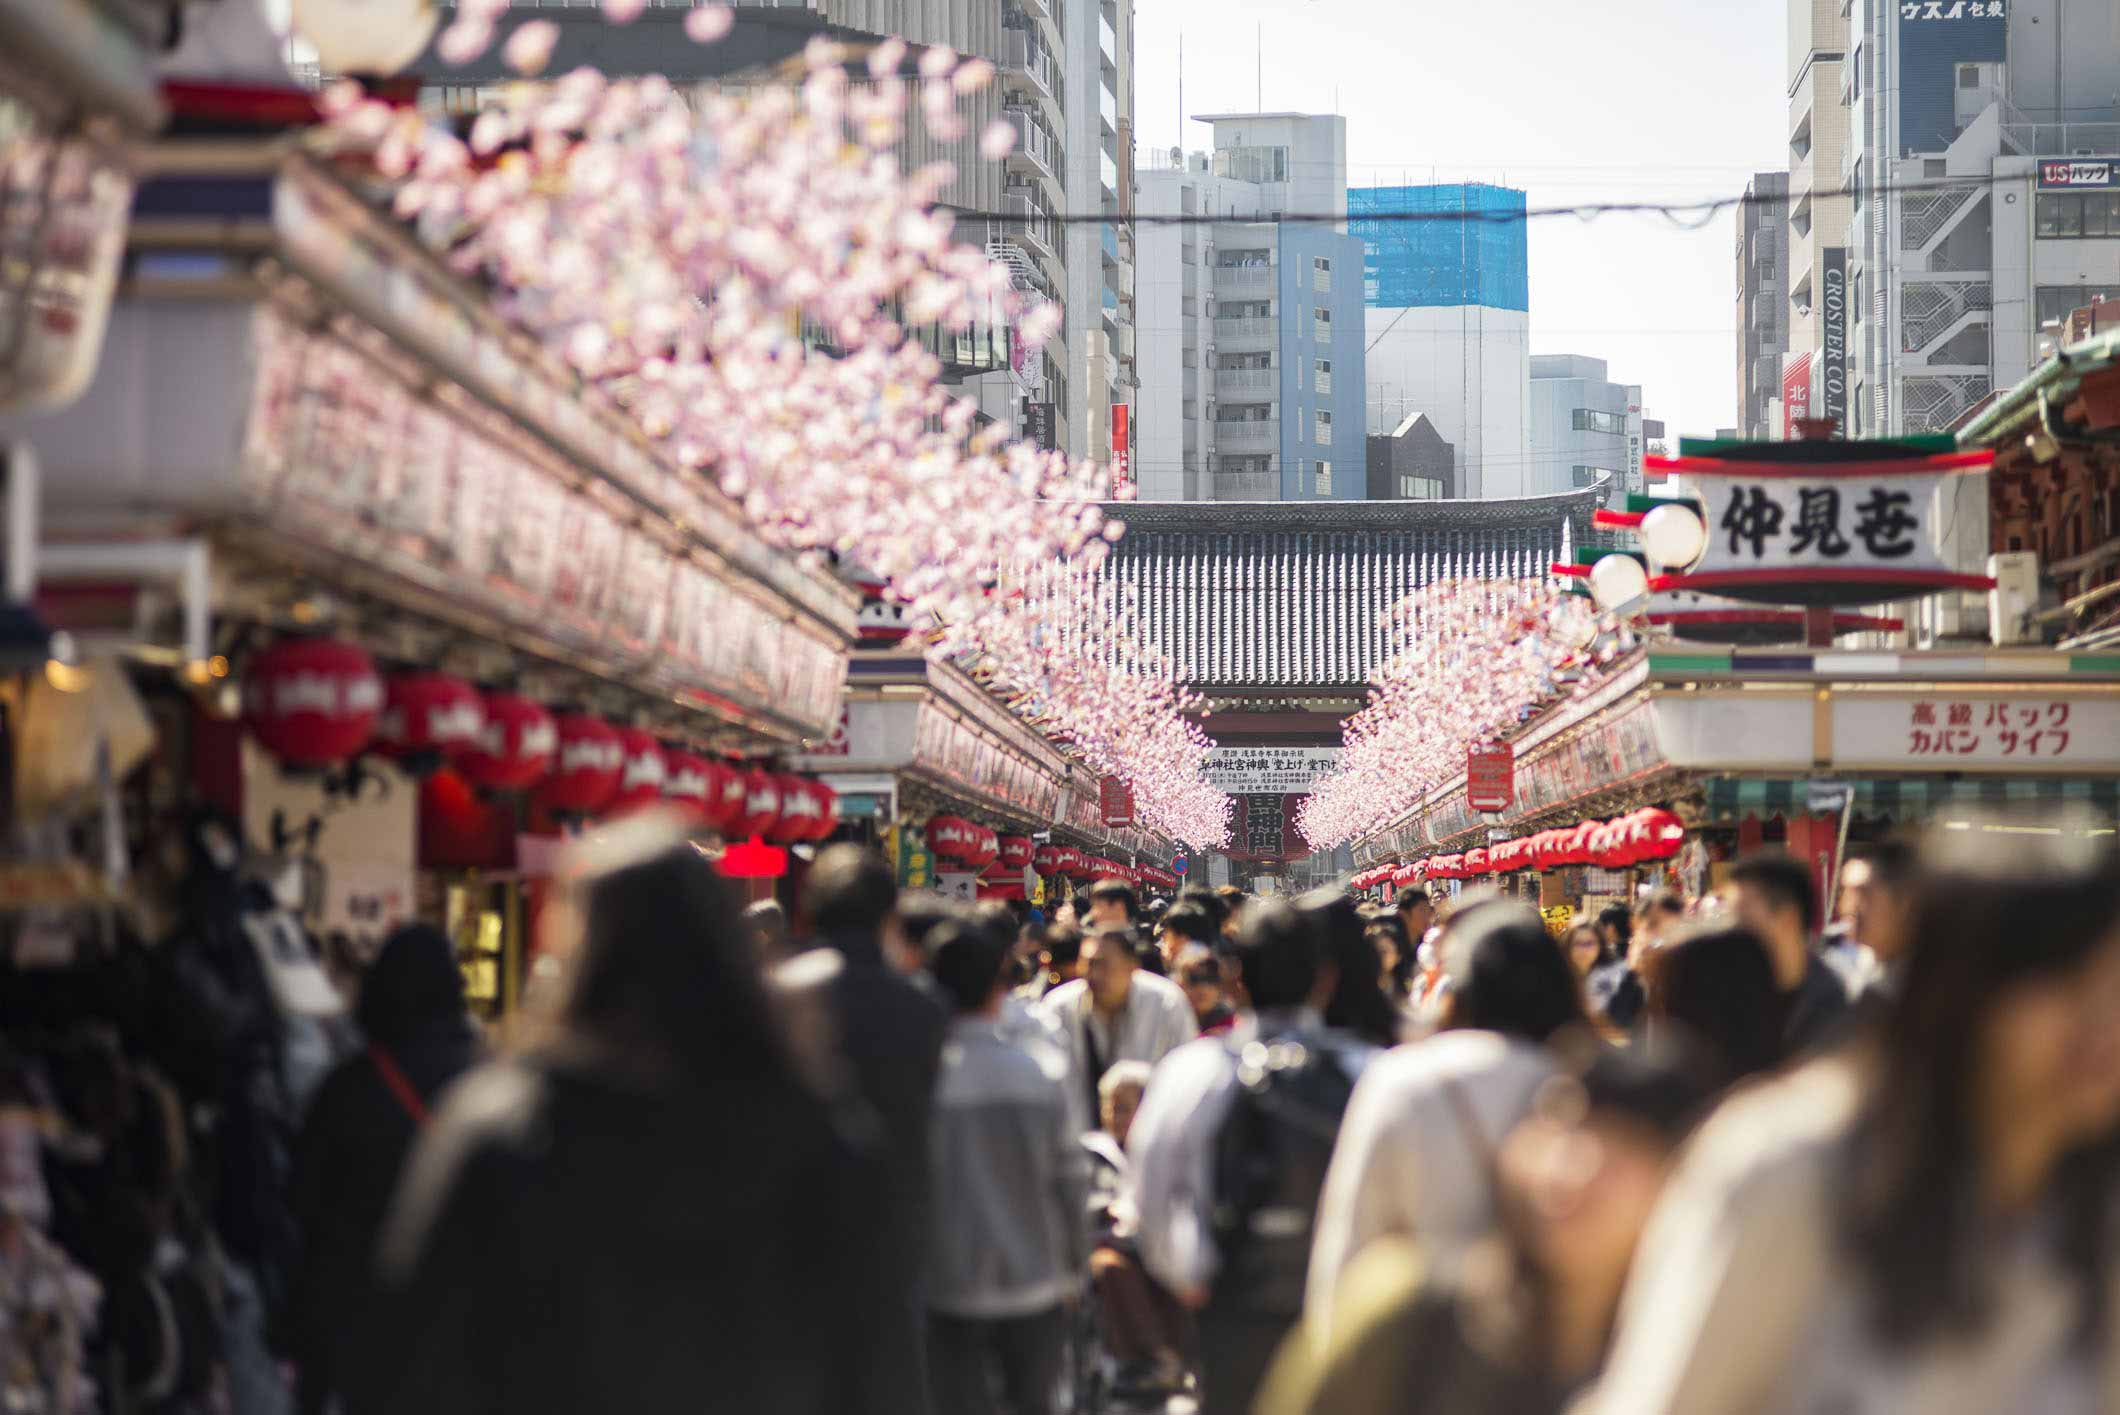 VIAGGIO IN GIAPPONE – TOKYO SENSO-JI #1